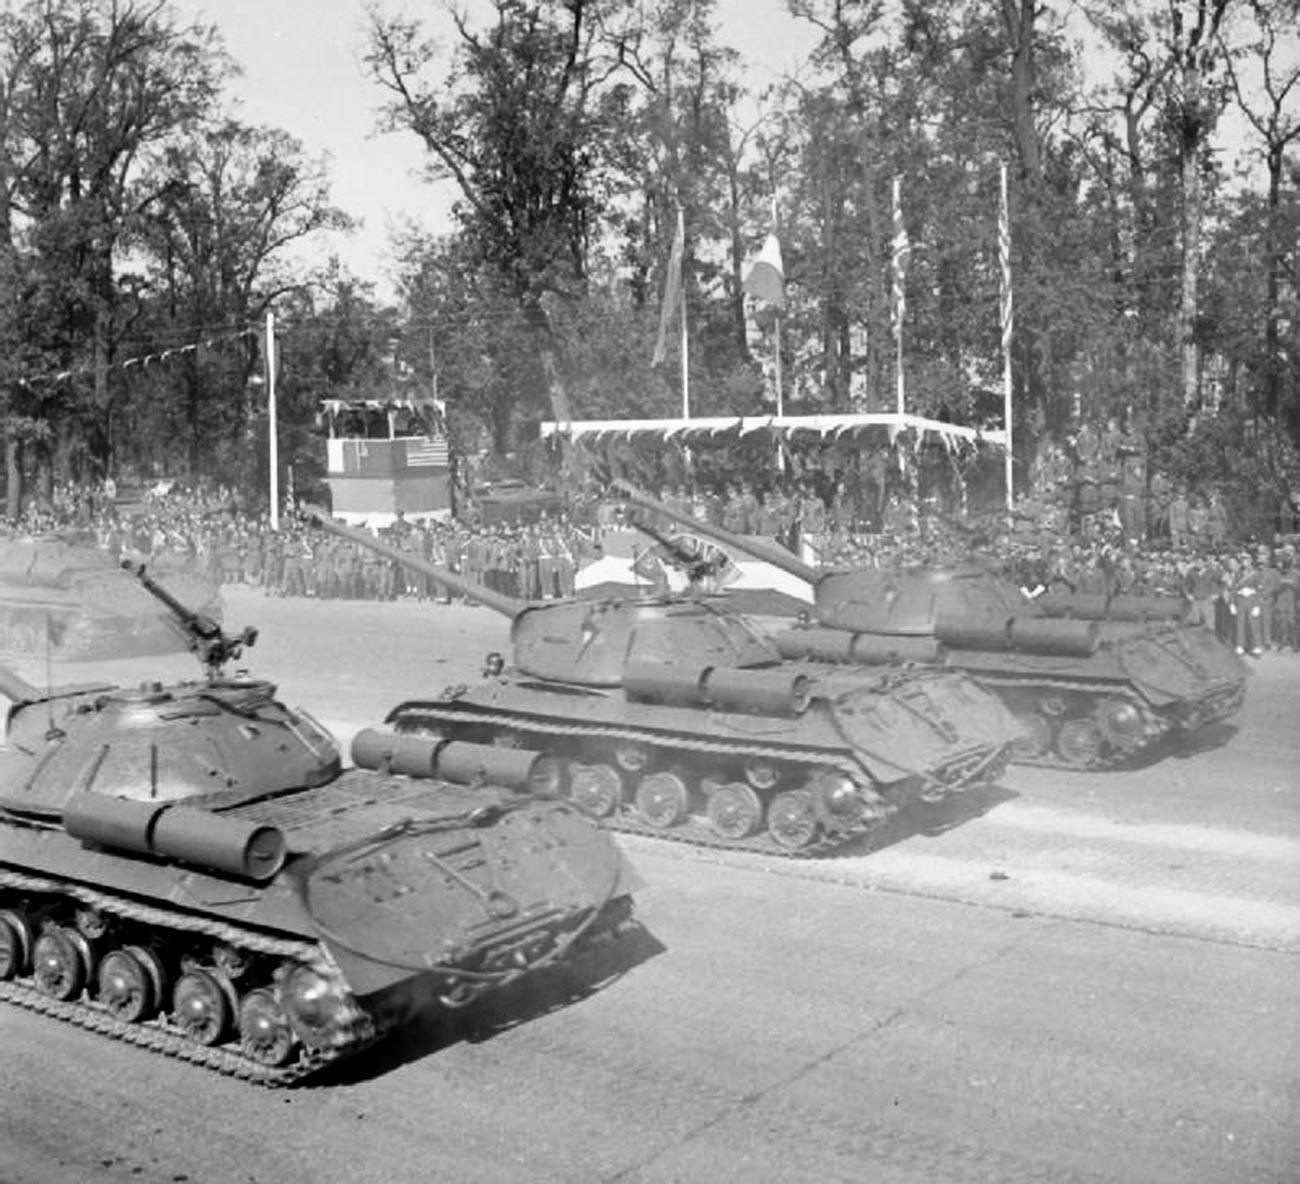 Sowjetische IS-3-Panzer auf der Parade